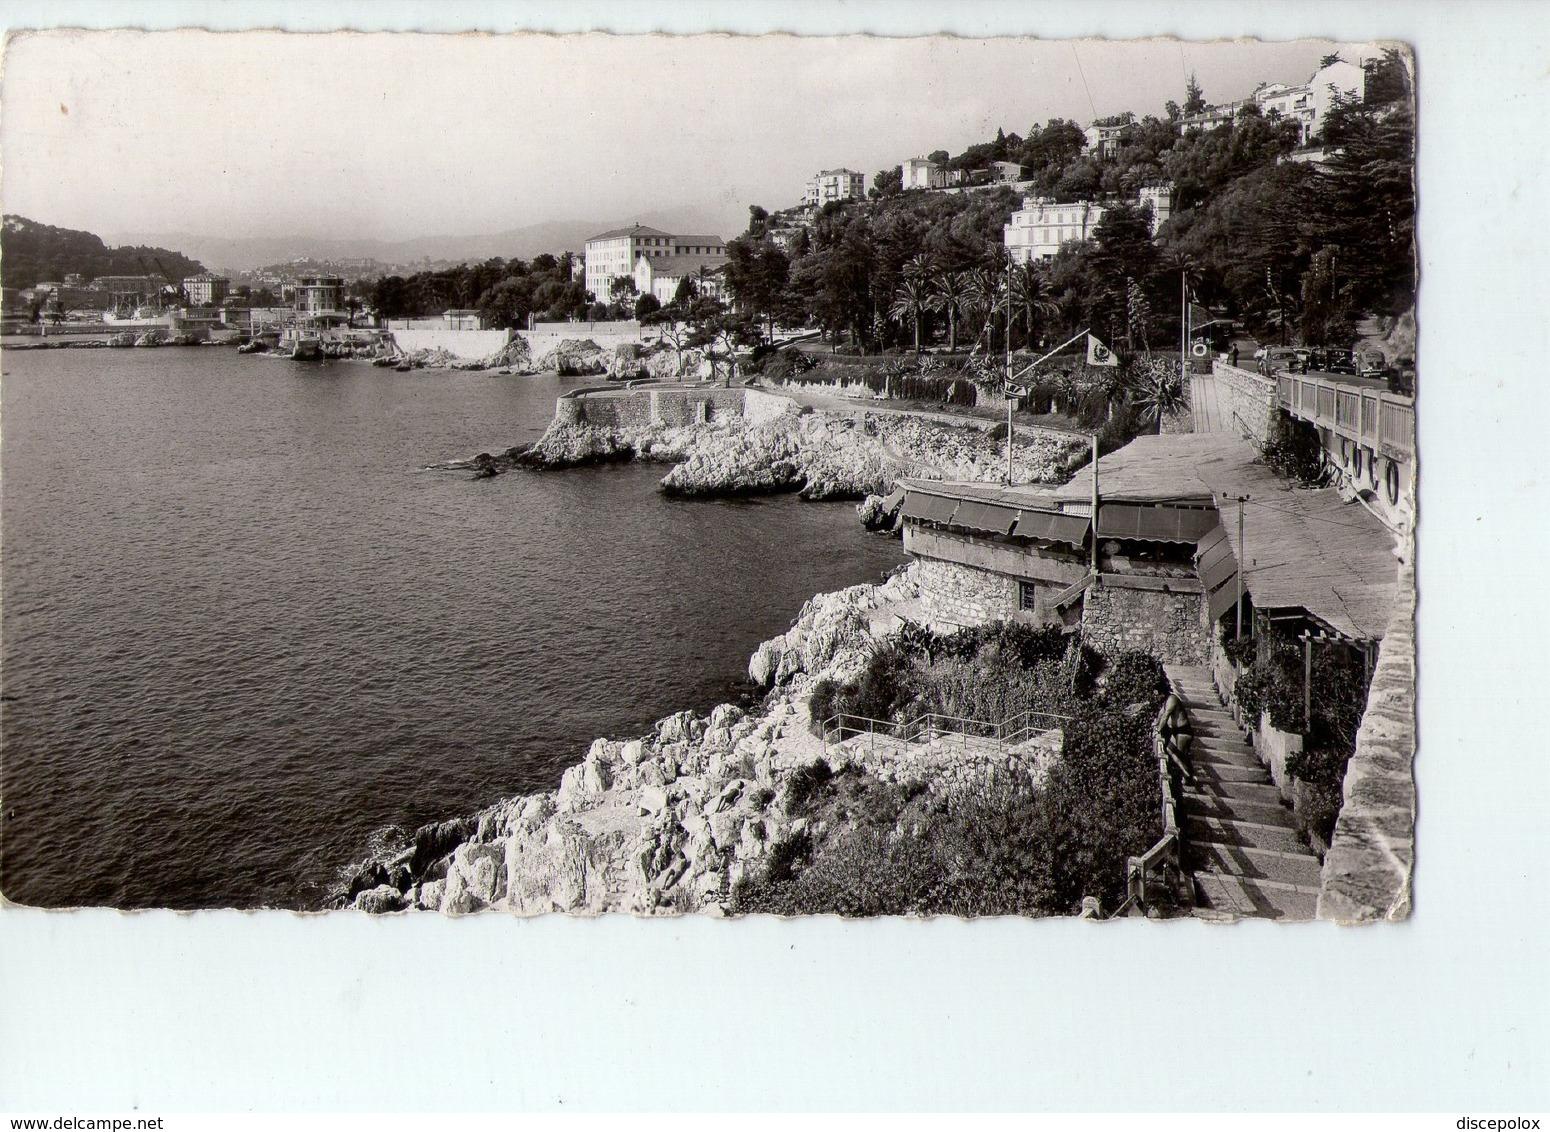 U3594 Small Postcard 1962 NICE (nizza), ROUTE EN CORNICHE DU CAP DE NICE AU PORT + FLAMME: AEROPORT DE NICE - Nizza